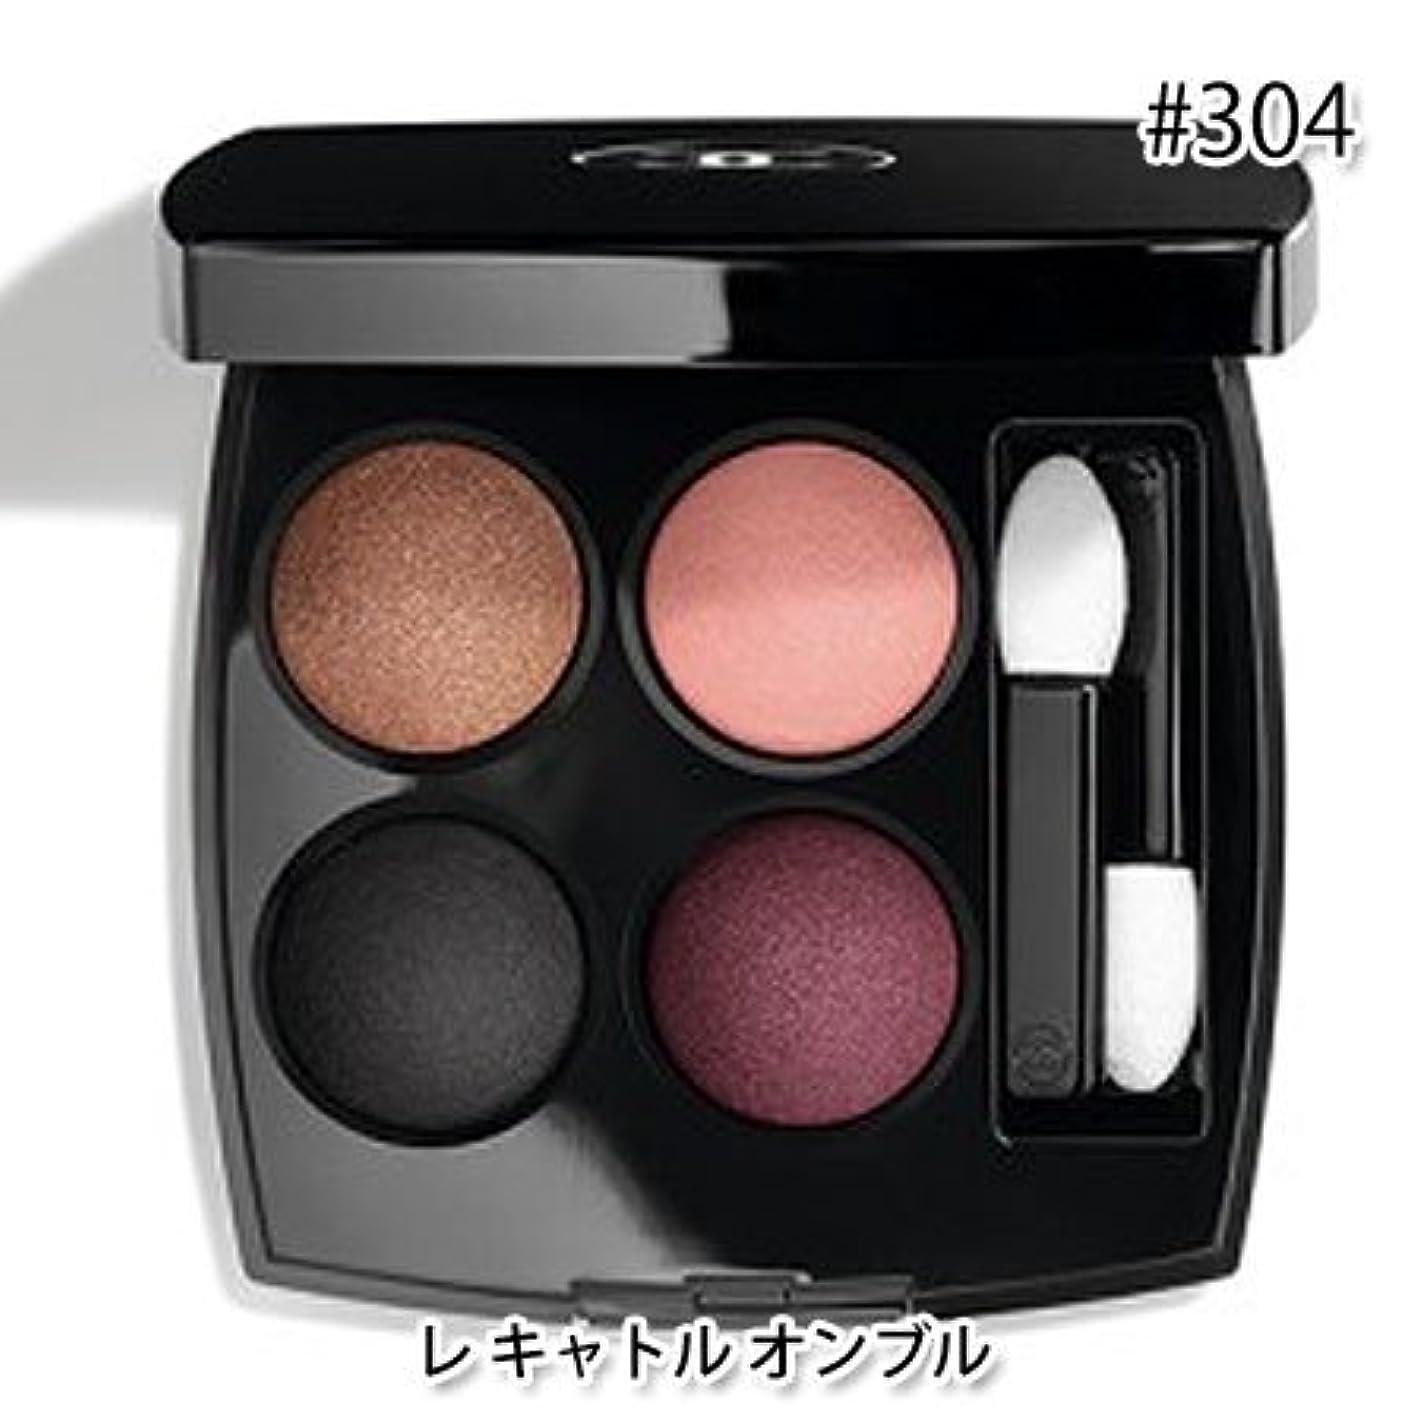 絡まるオークランドヒントシャネル レ キャトル オンブル 2種 -CHANEL- 304